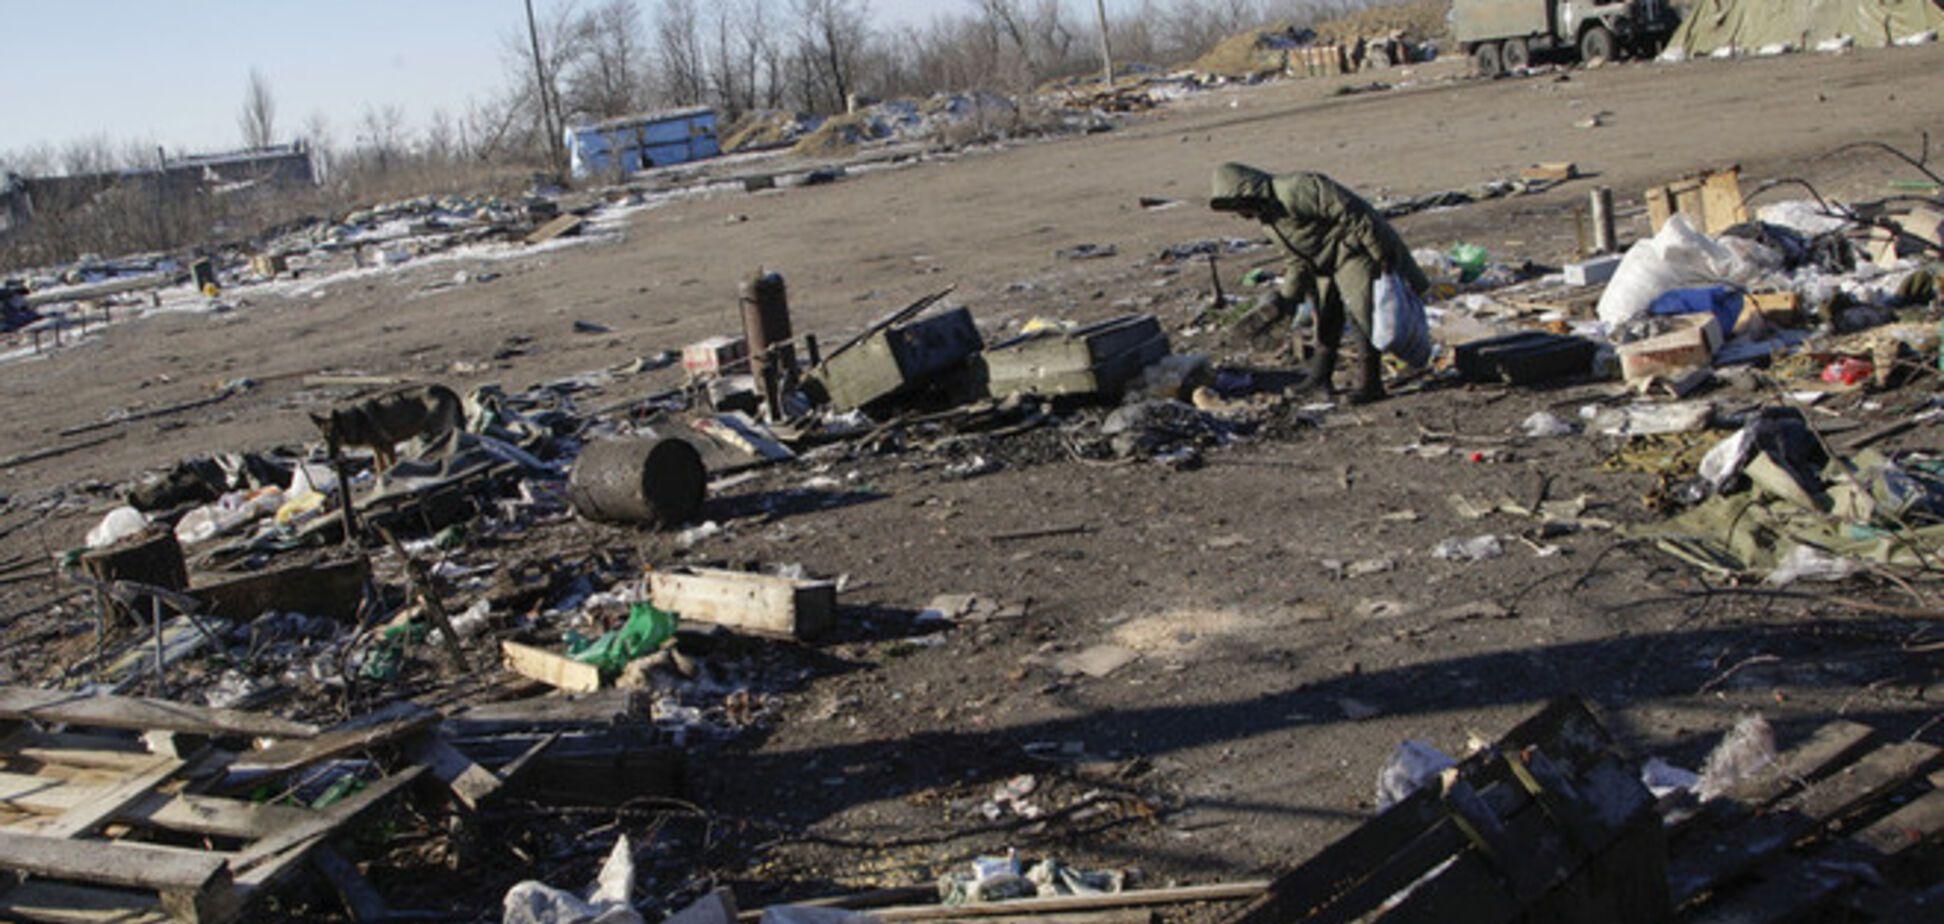 Из Дебальцево вывезли более 70 тел украинских воинов - журналист